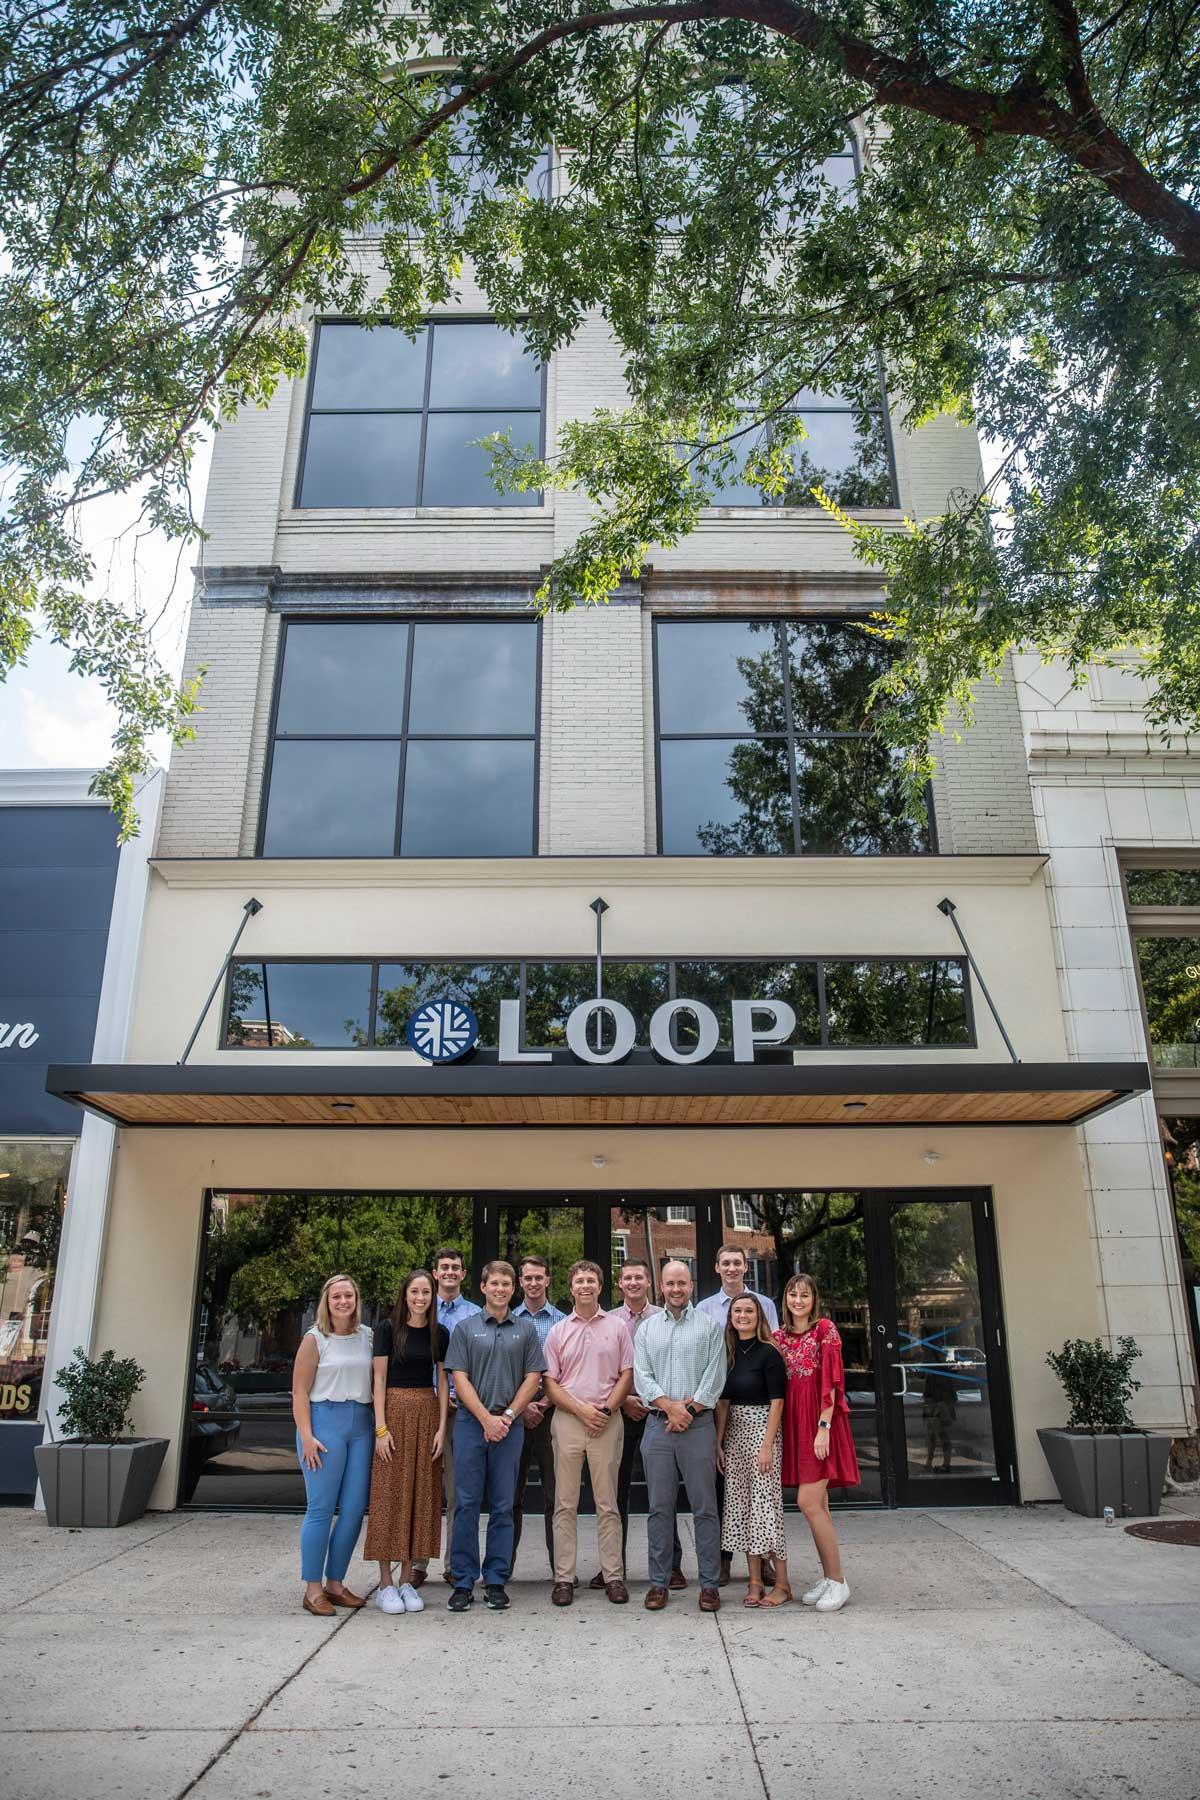 Loop_5